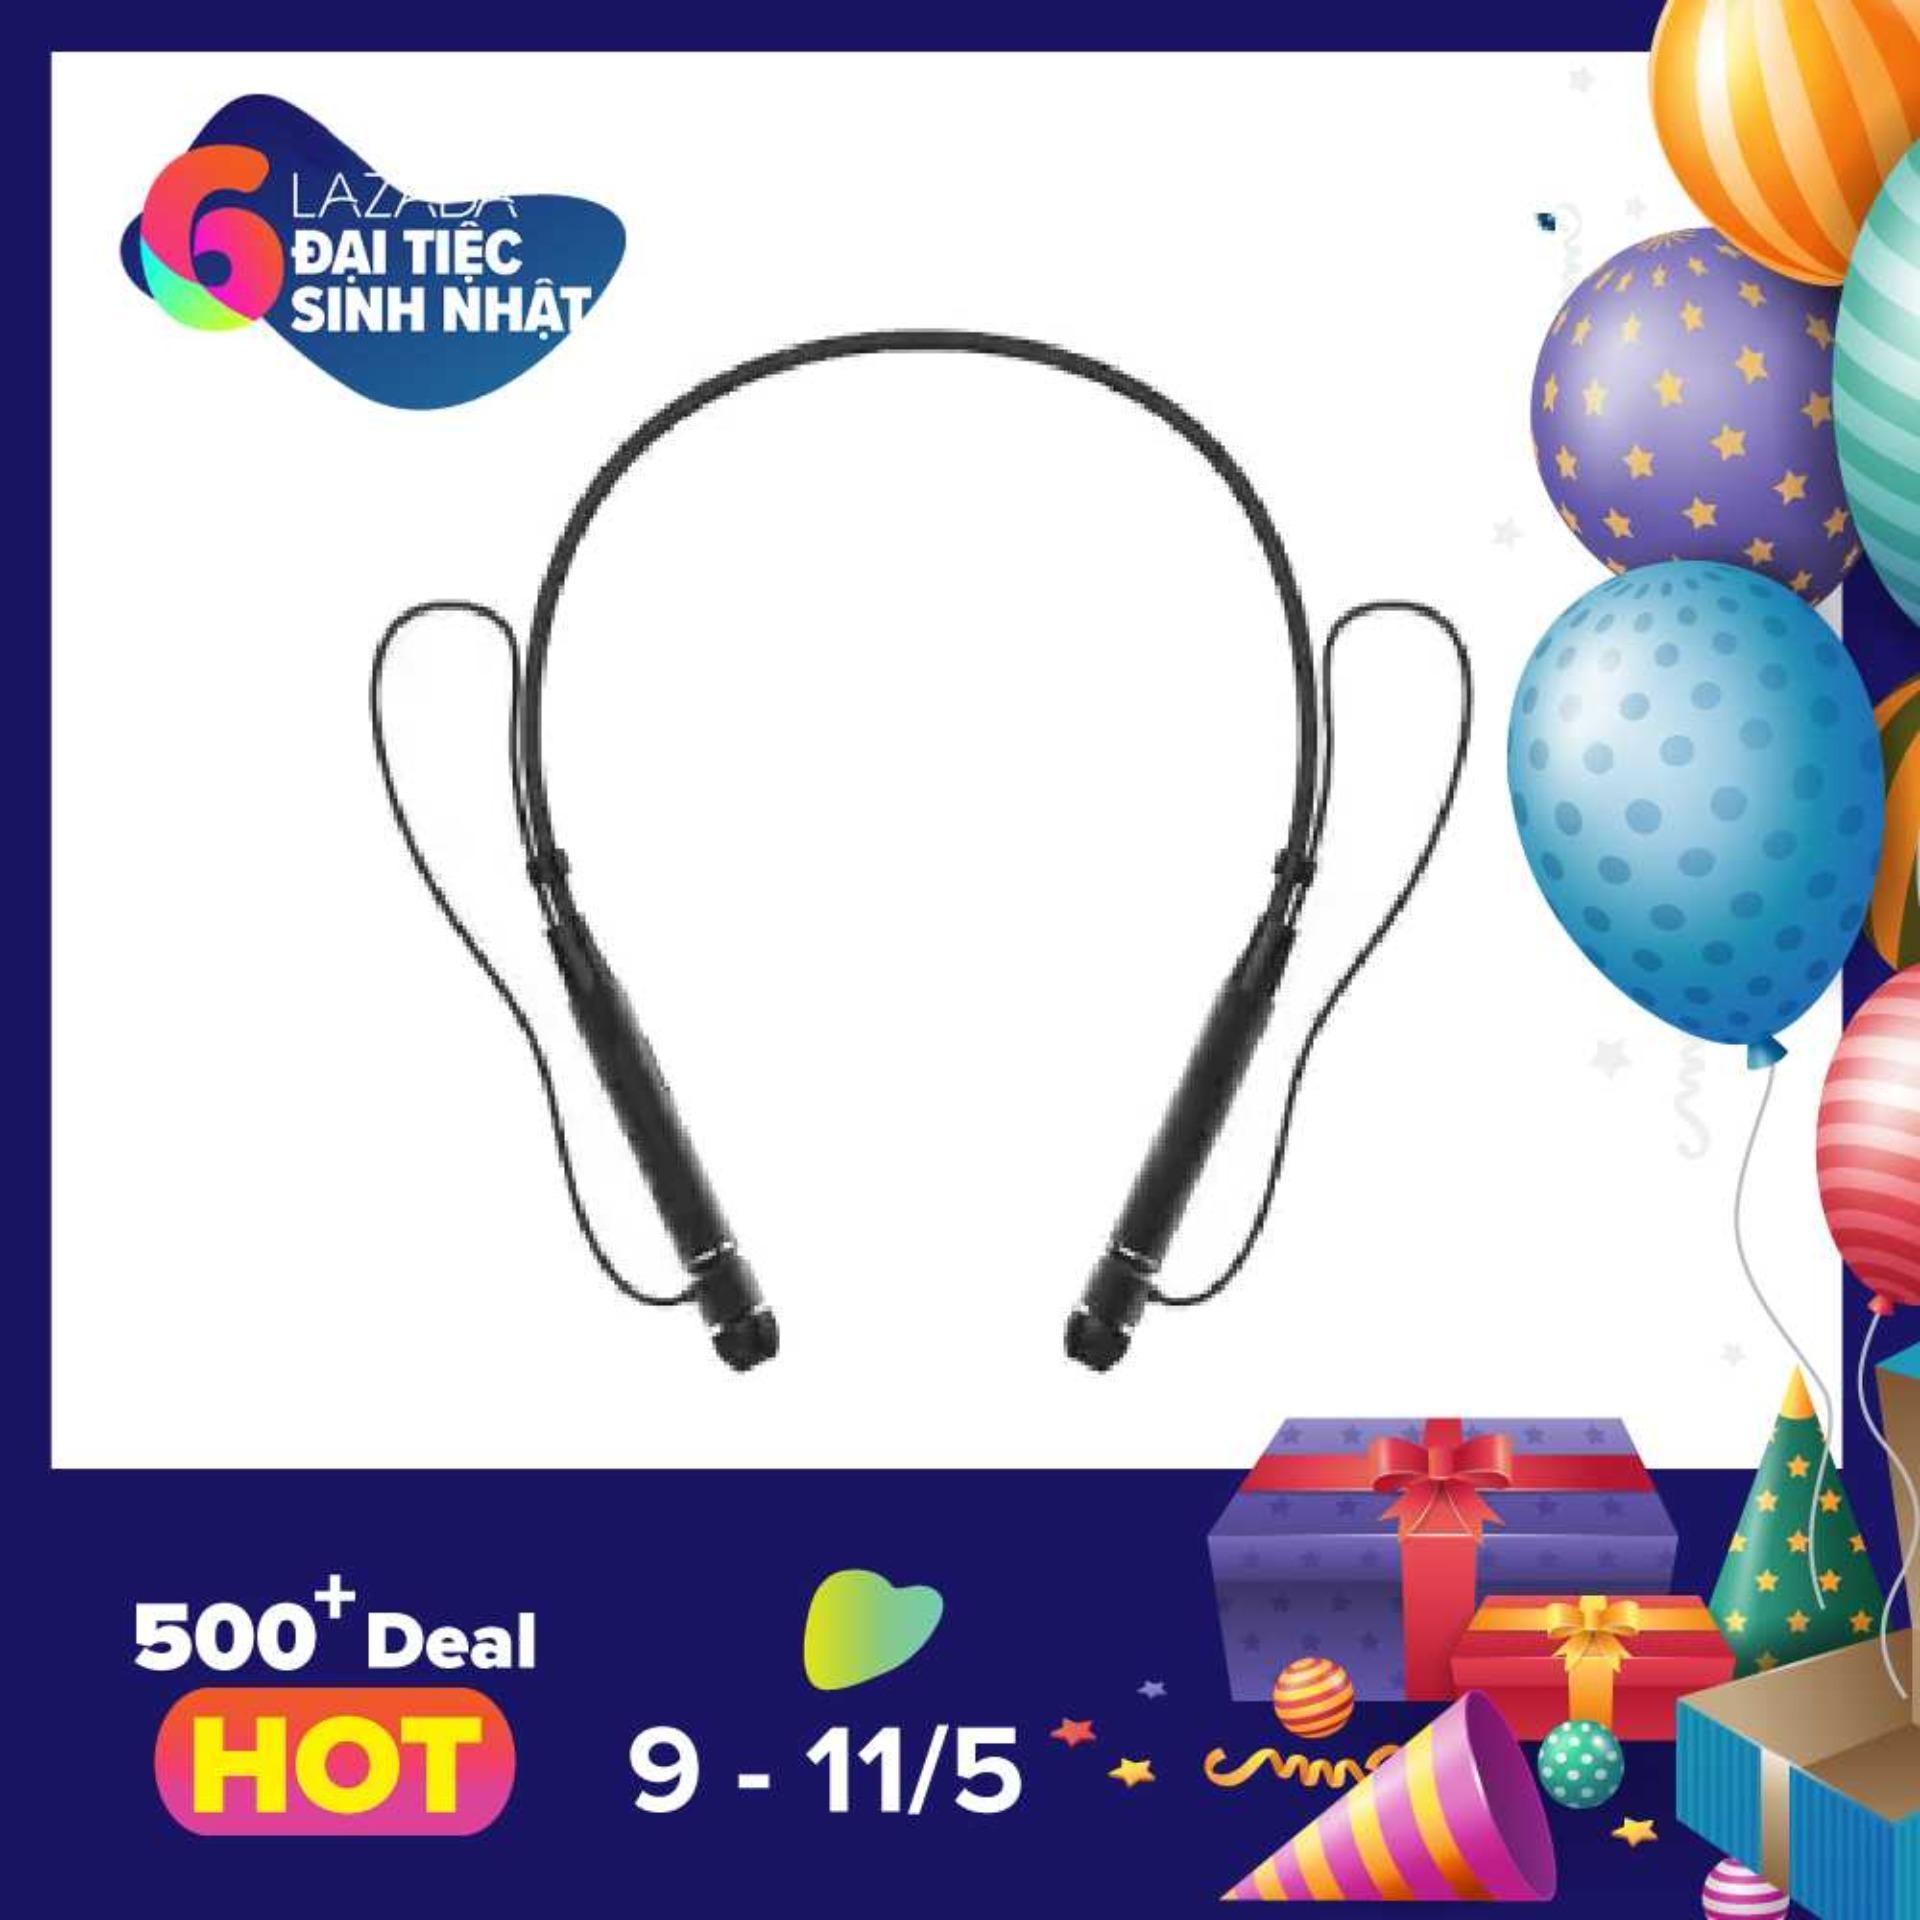 Bán Tai Nghe Nhet Tai Khong Day Cao Cấp Bluetooth V 4 1 Roman Z6000 Roman Rẻ